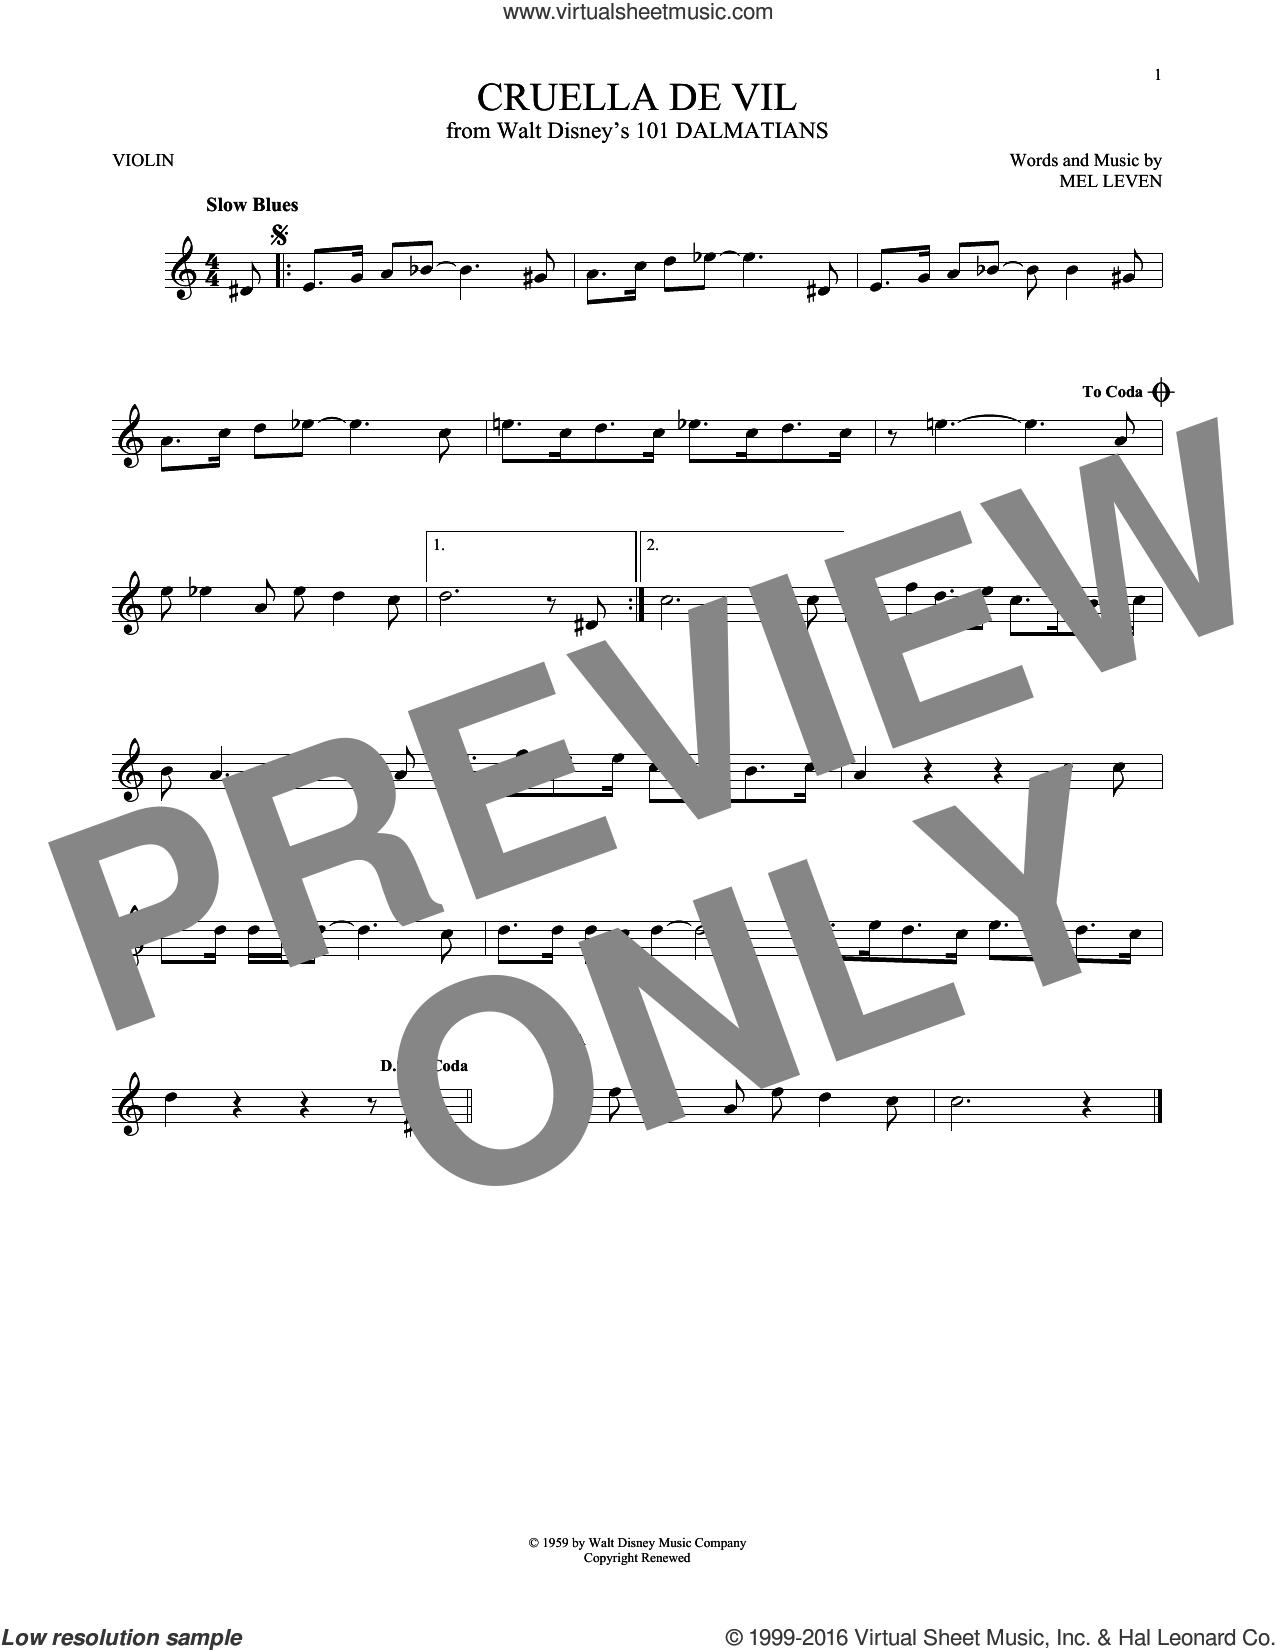 Cruella De Vil sheet music for violin solo by Mel Leven, intermediate skill level